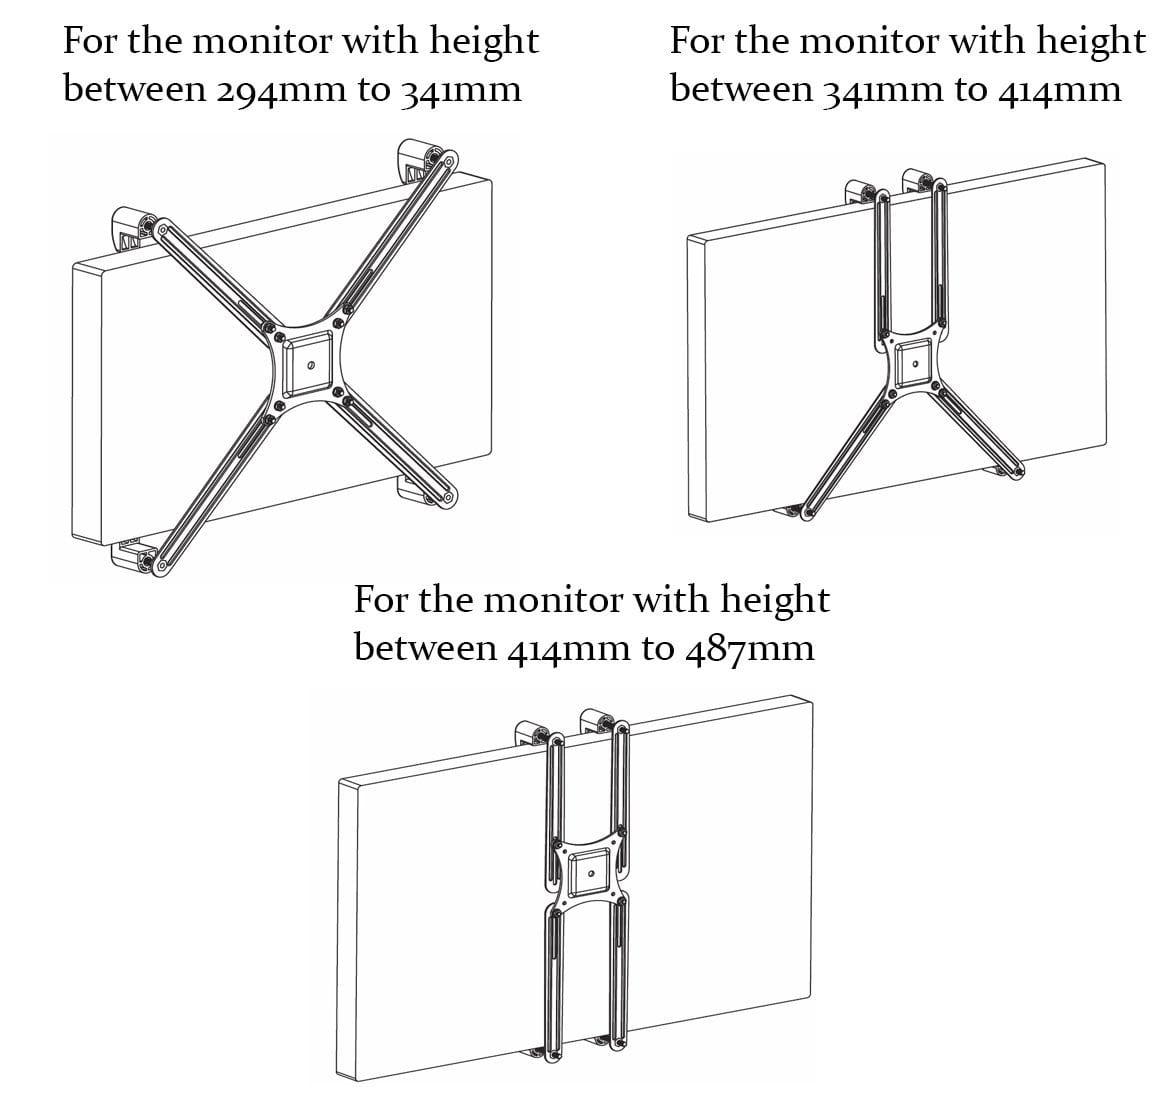 ACNONVS adapter for non-AVSA monitors